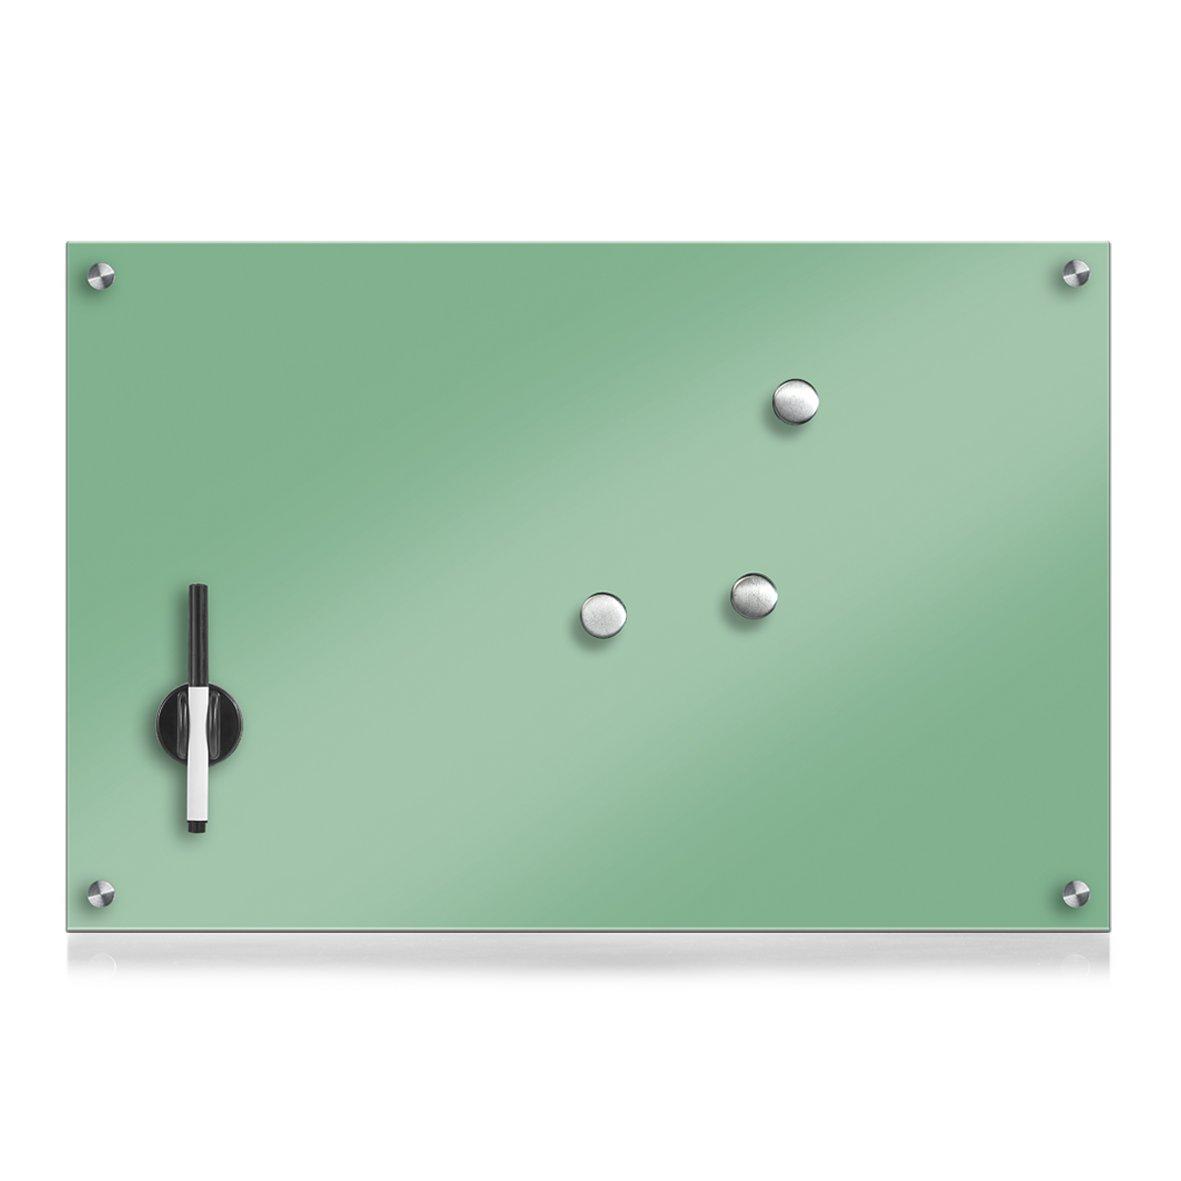 Zeller Black Glass Notice Board 60x 40x 1cm Mint Green by Zeller